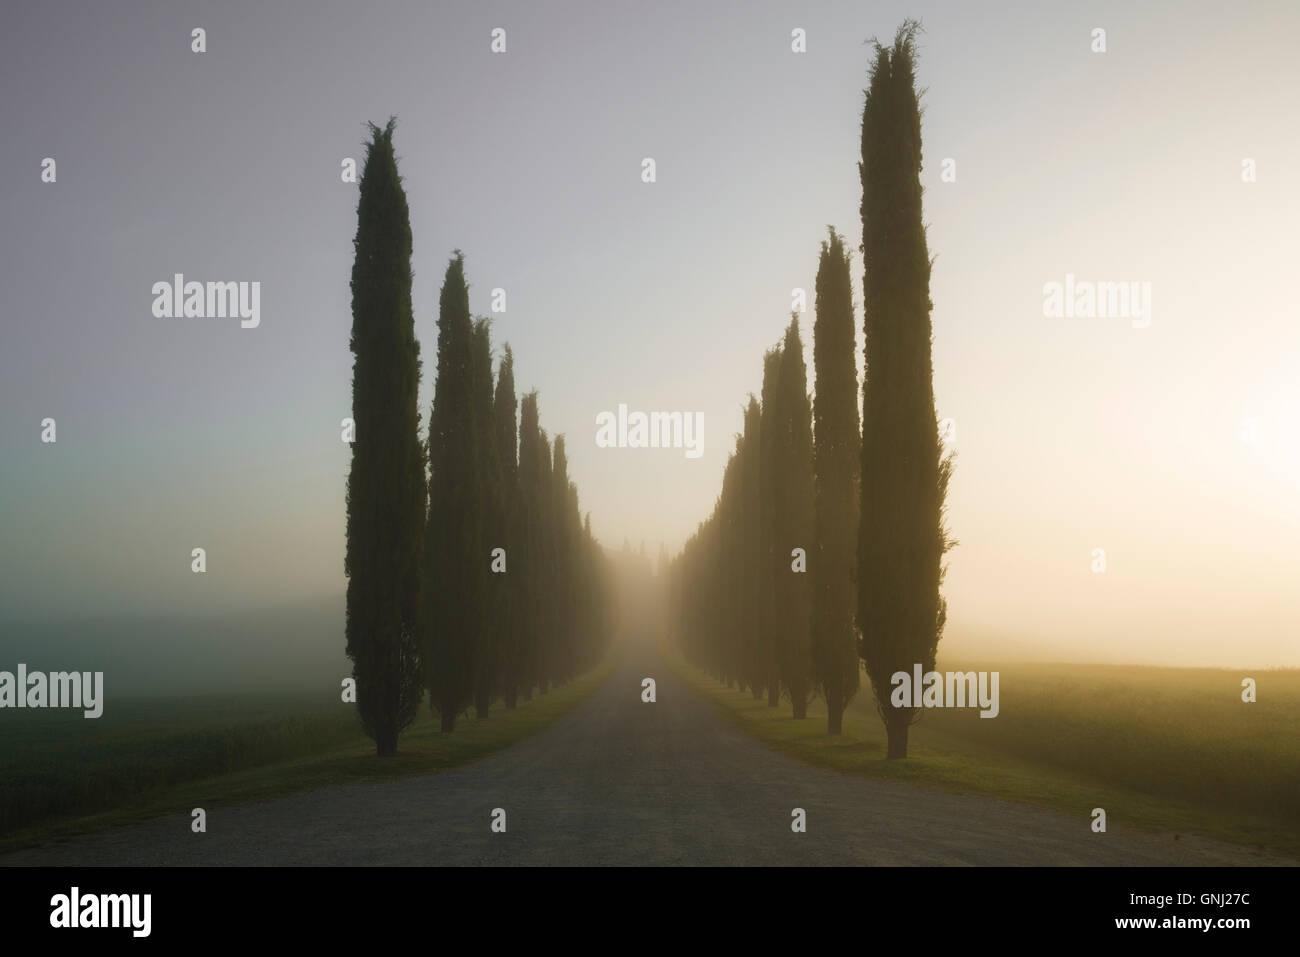 Treelined road near Val D'Orcia, Tuscany, Italy - Stock Image